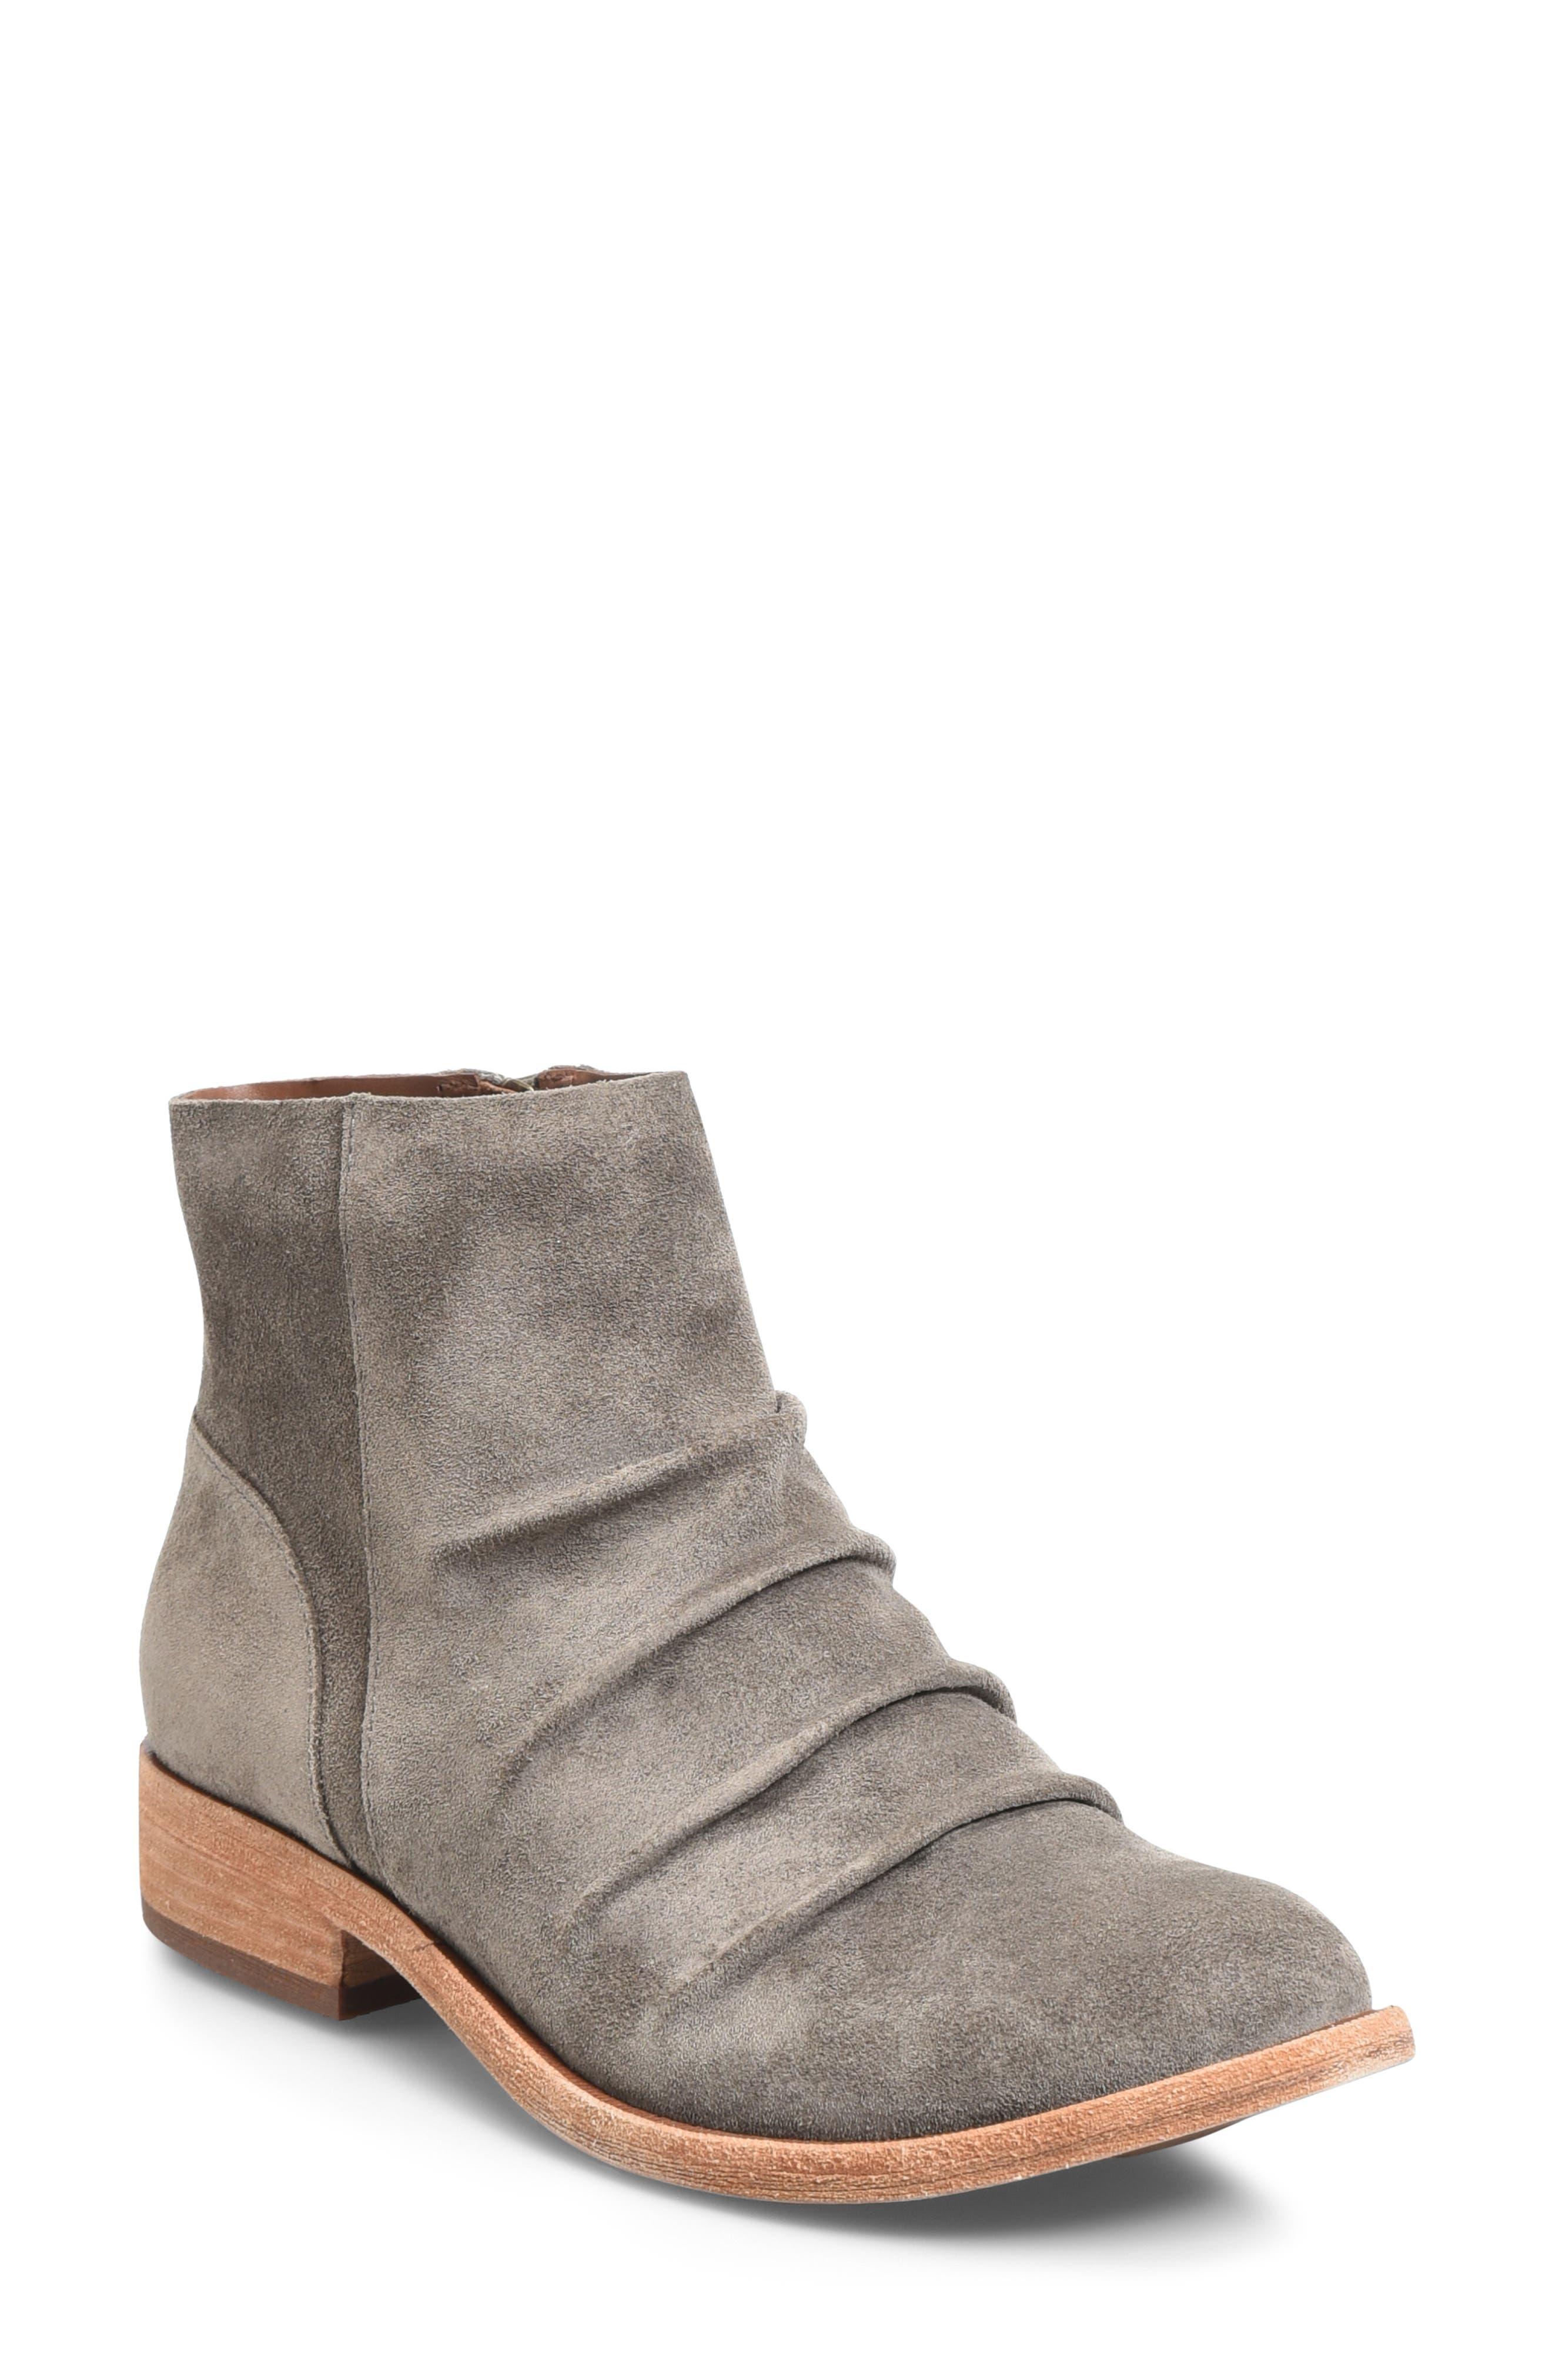 Kork-Ease Giba Boot, Grey